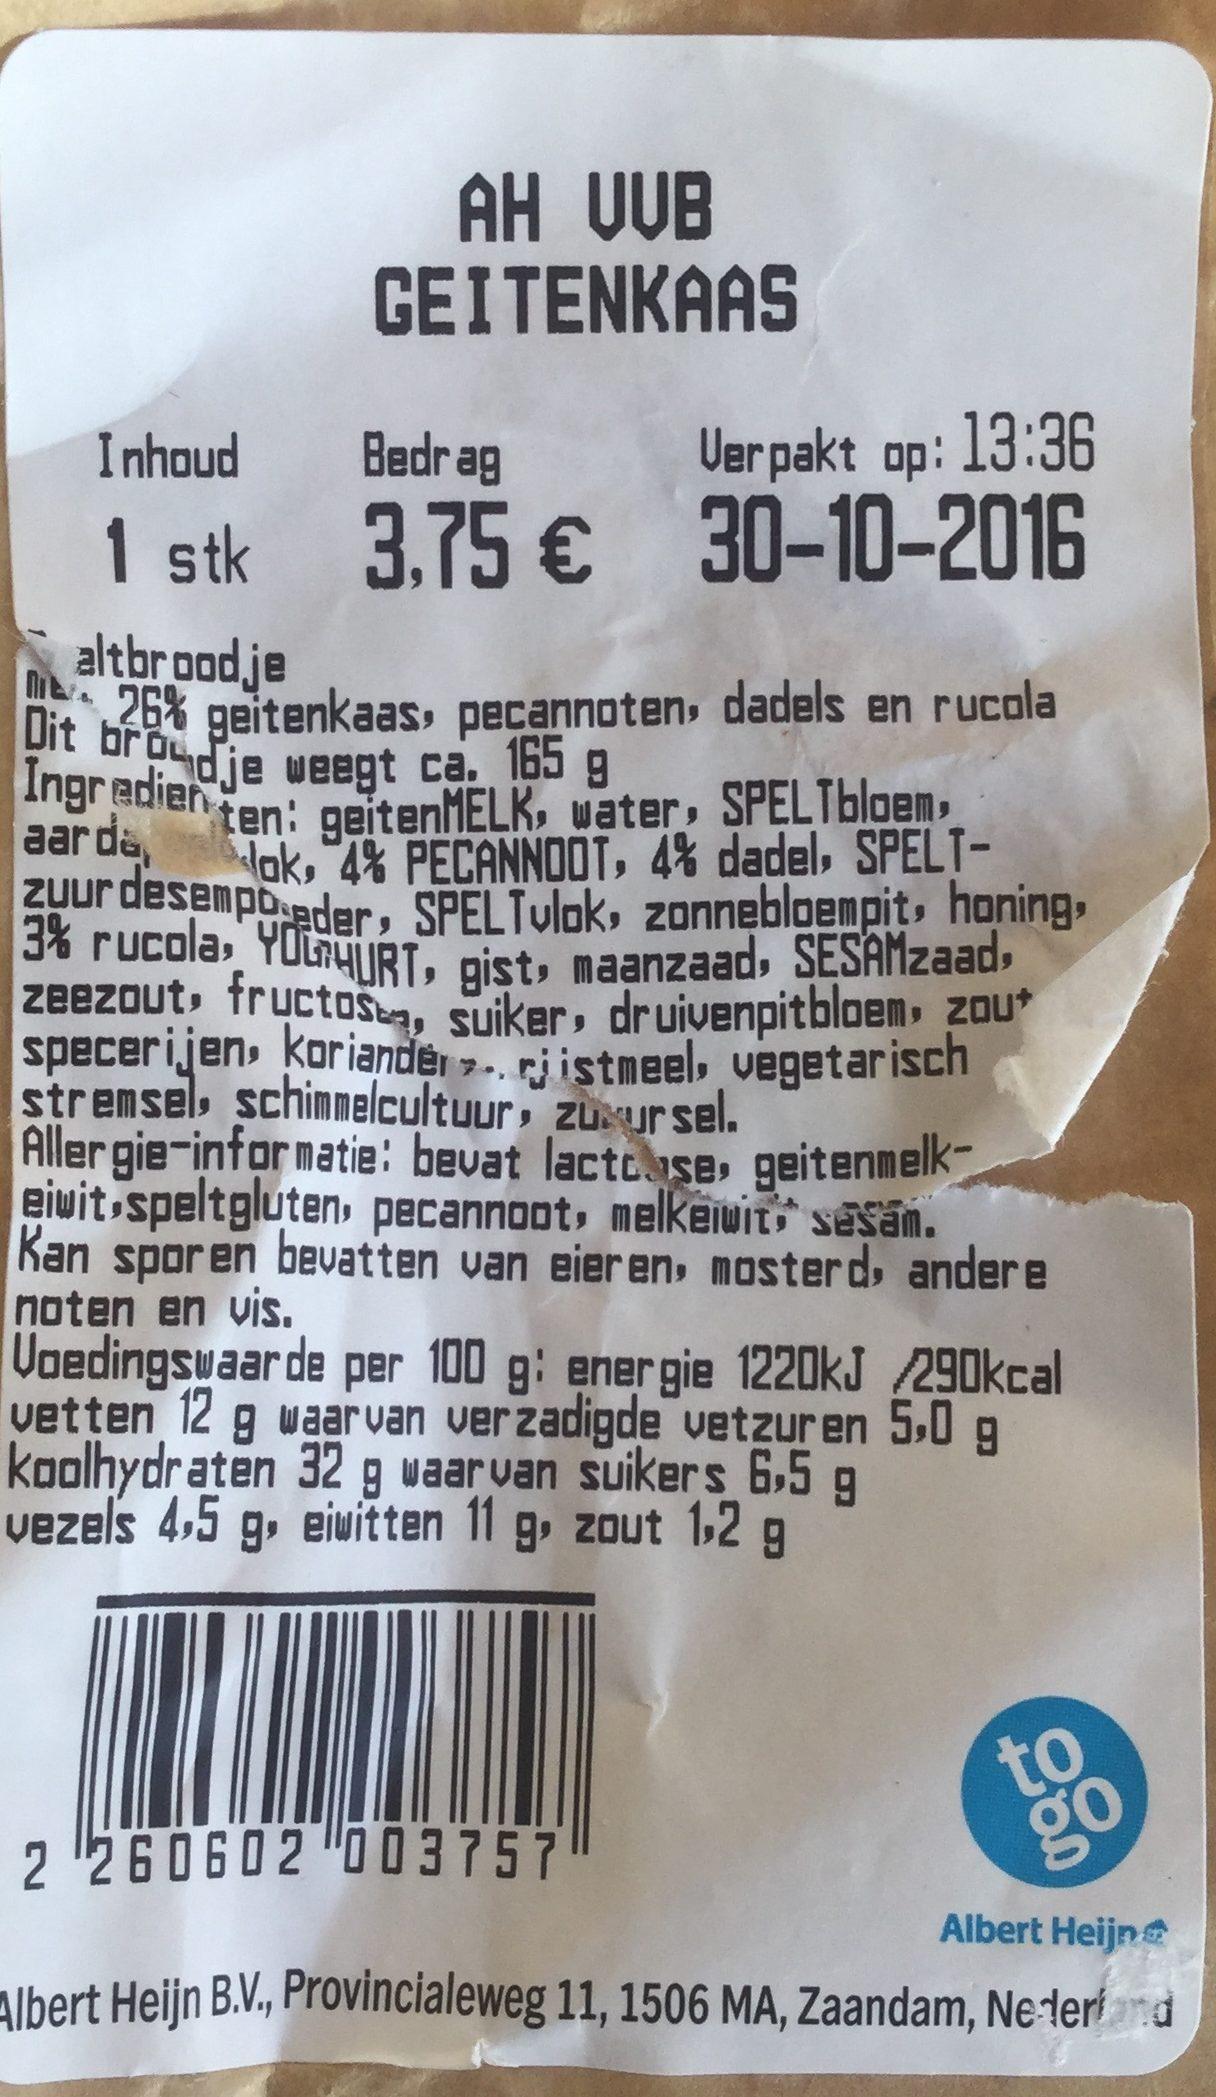 Geitenkaas - Product - nl